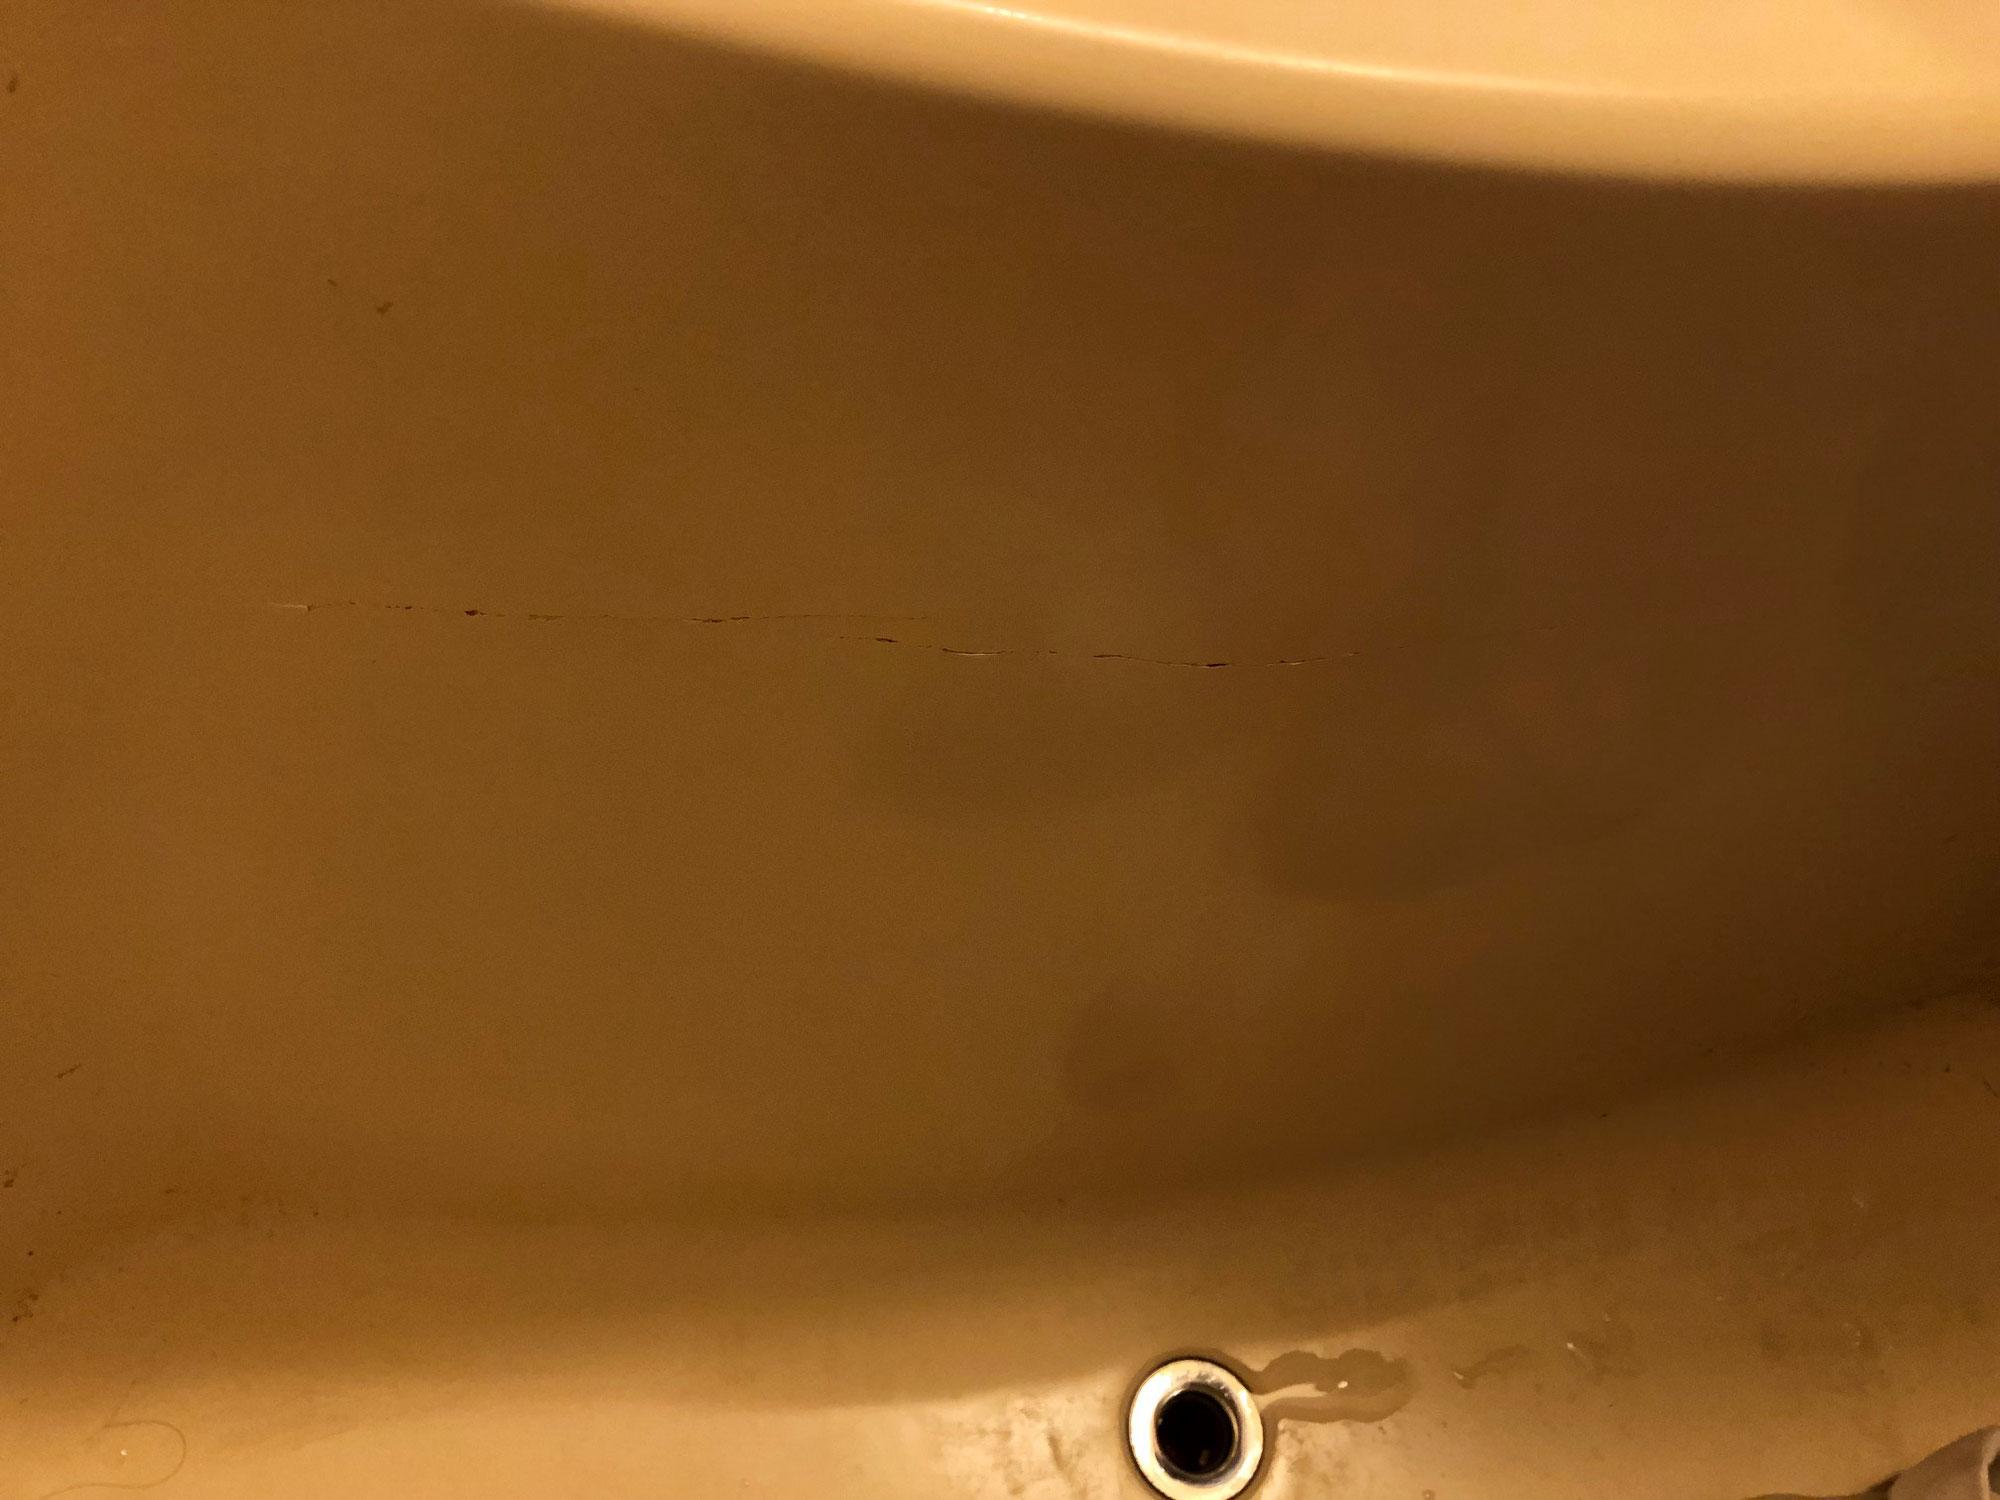 賃貸マンションユニットバス浴槽割れ修理 愛媛県大洲市東大洲